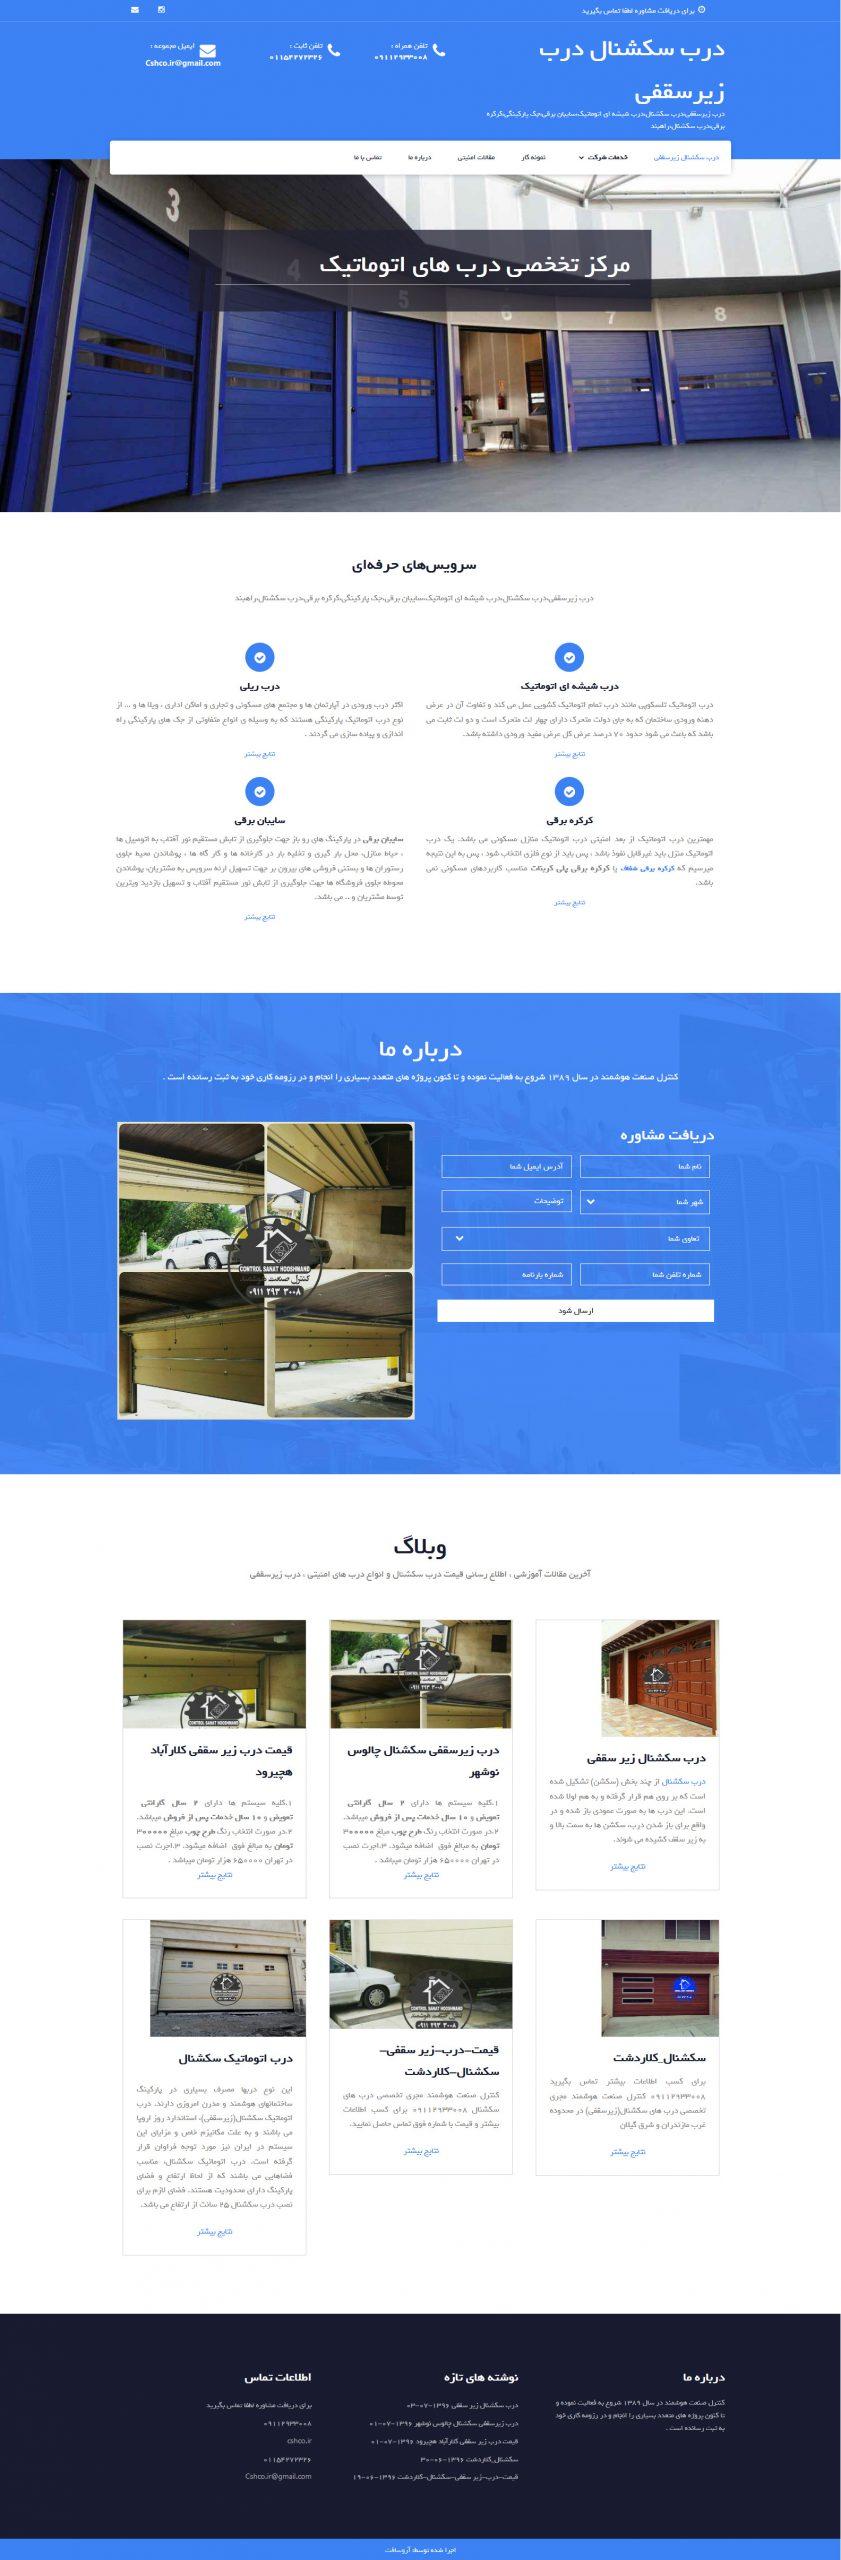 طراحی سایت شرکتی درب سکشنال درب زیر سقفی cshco